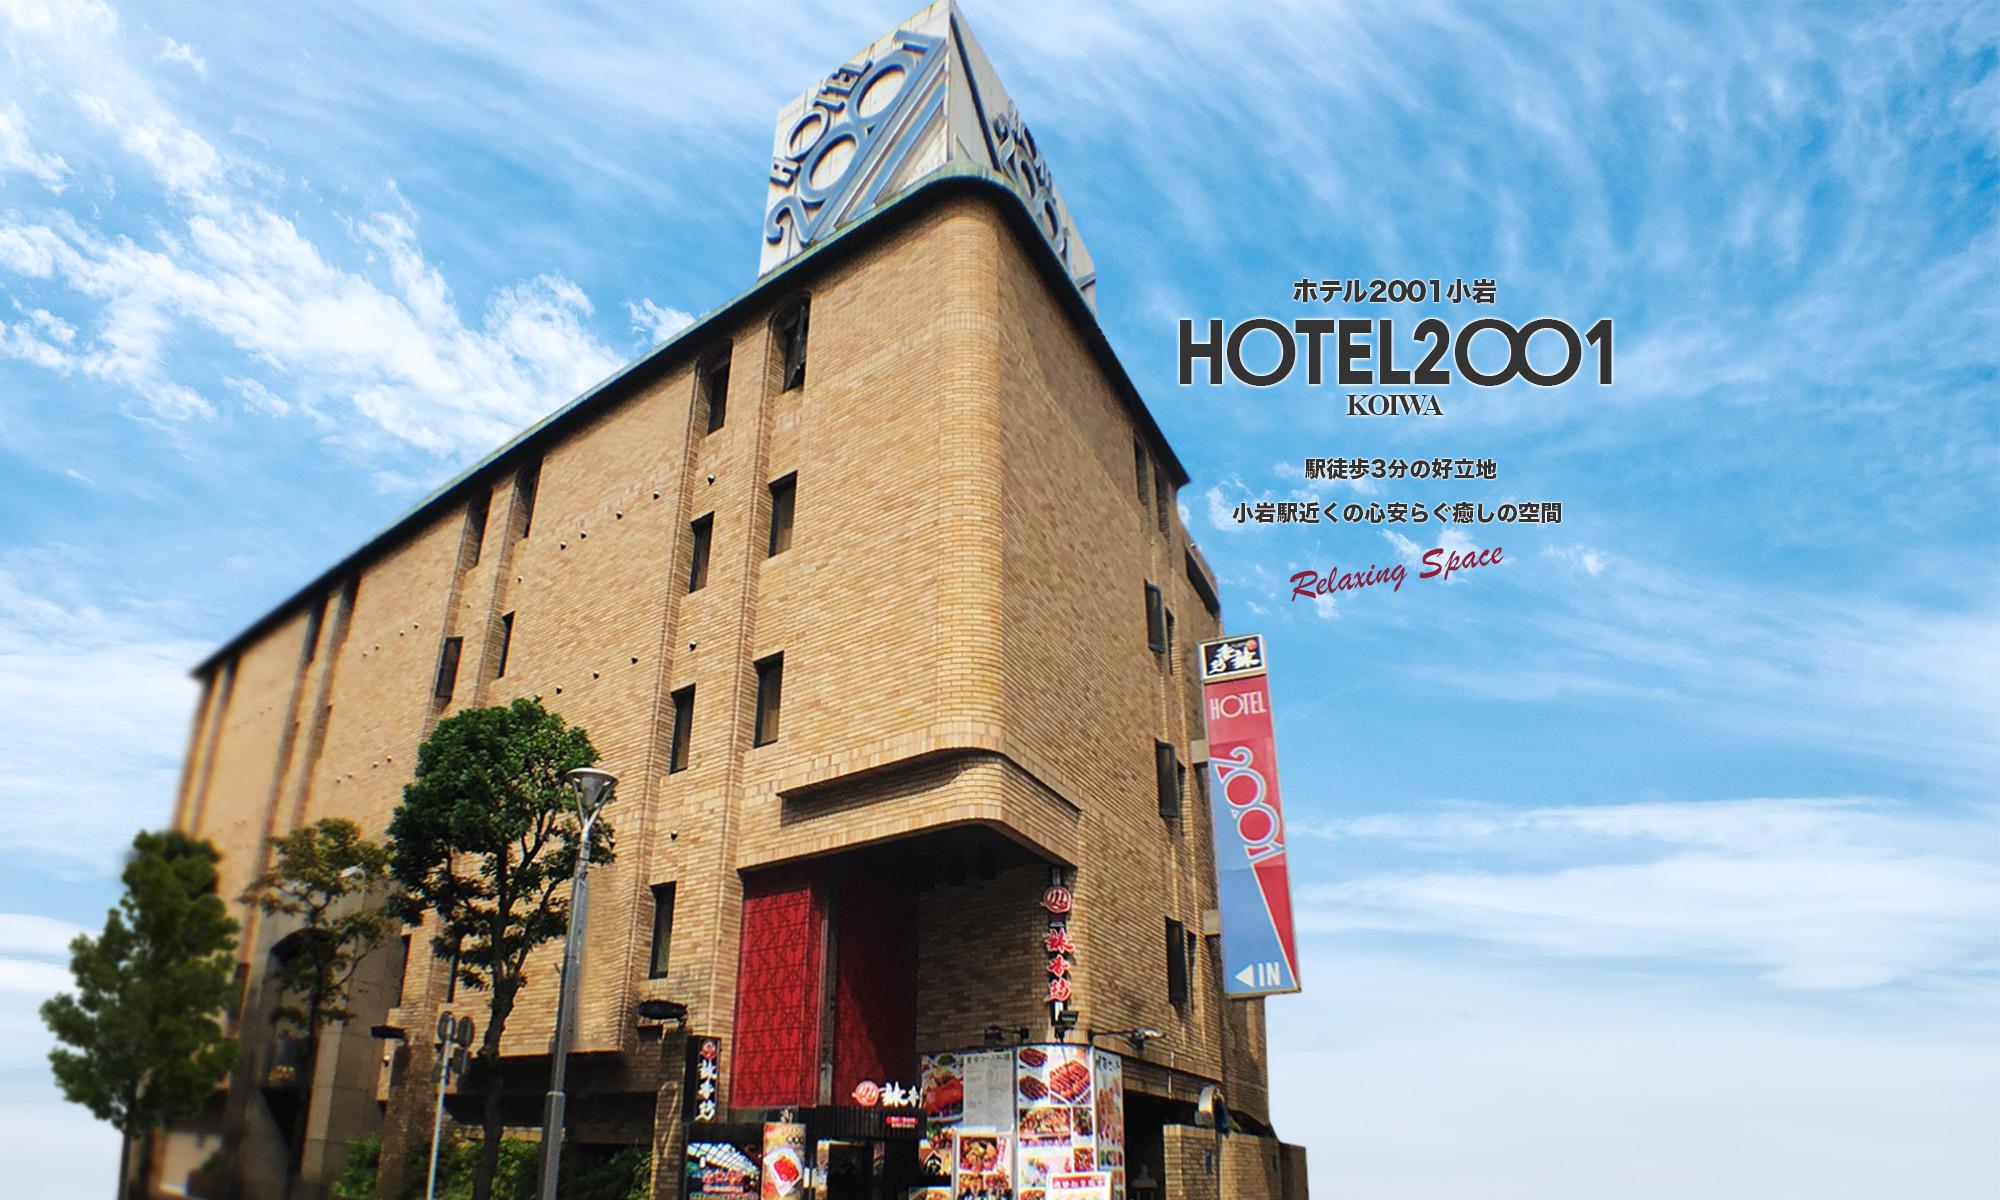 東京都江戸川区西小岩のホテル